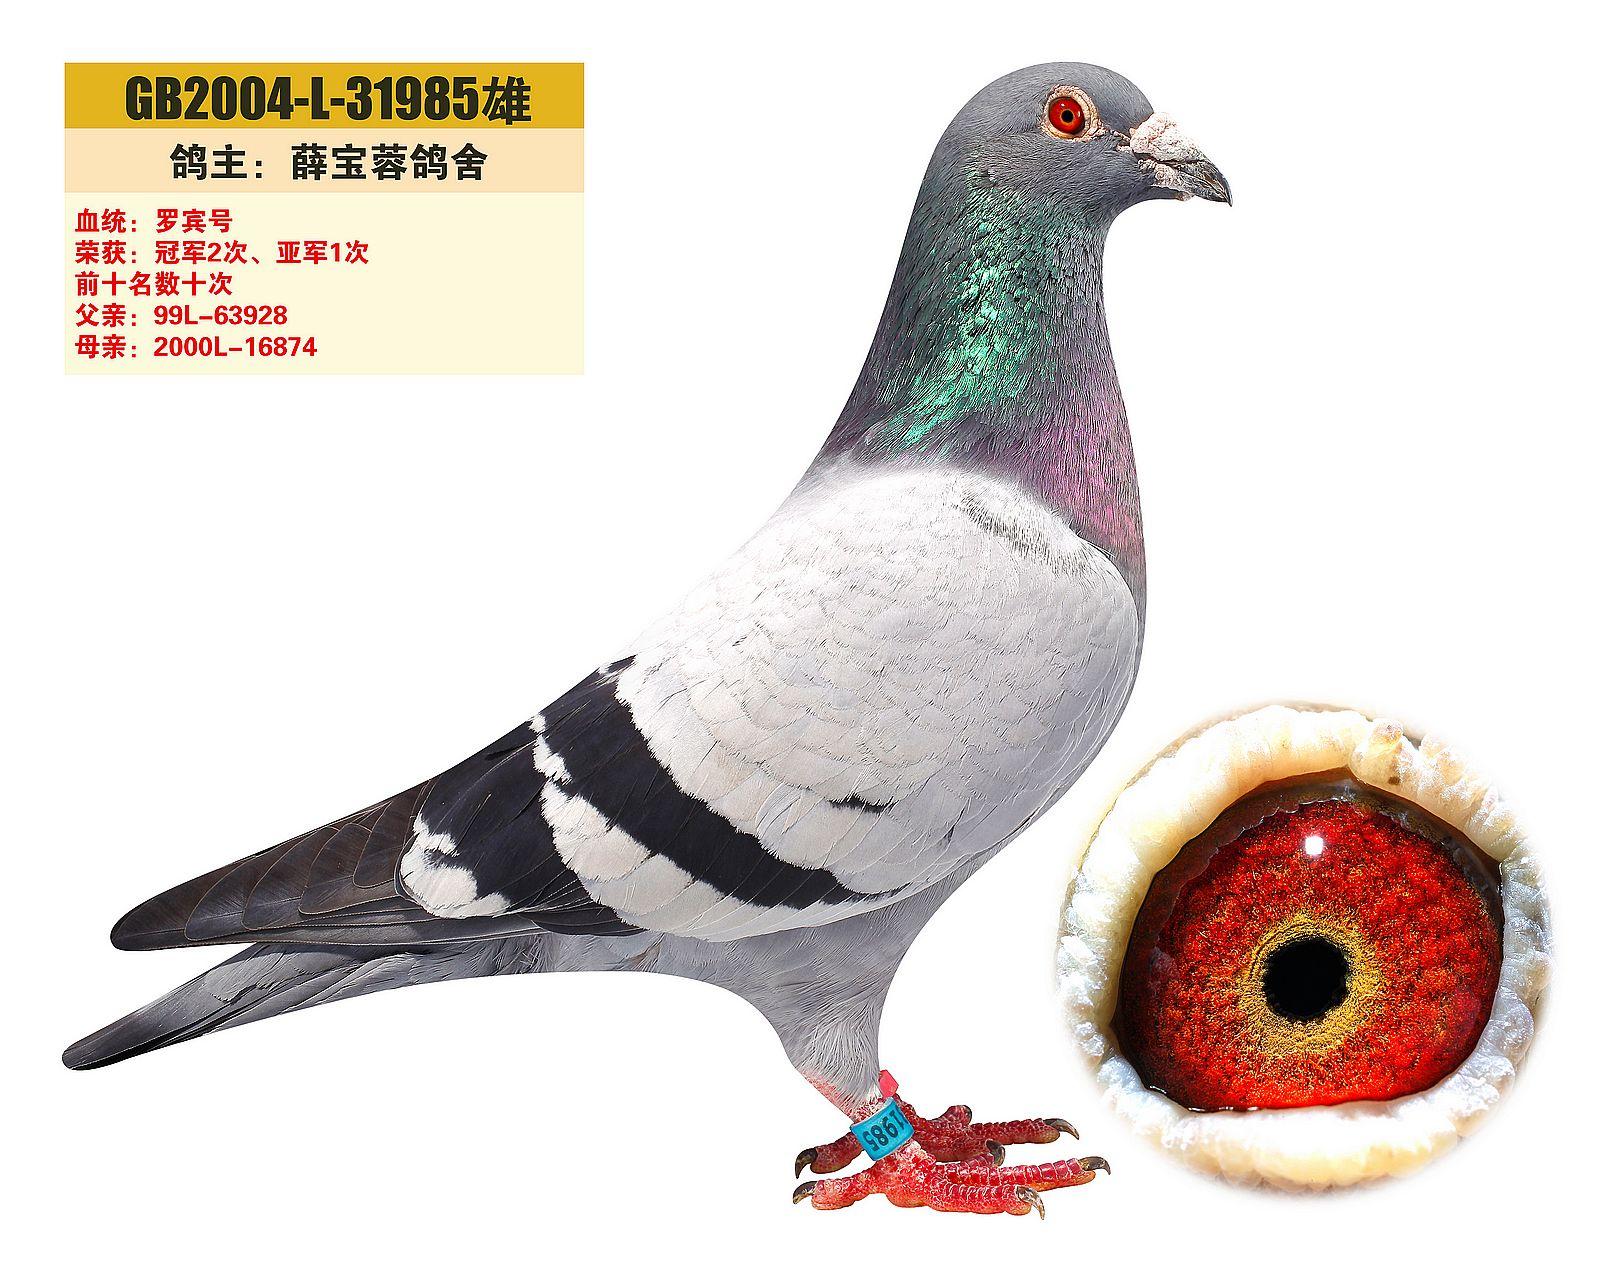 种鸽基都来源于天津邓文敏老师处,邓文敏的妻子和薛宝蓉老师也是难